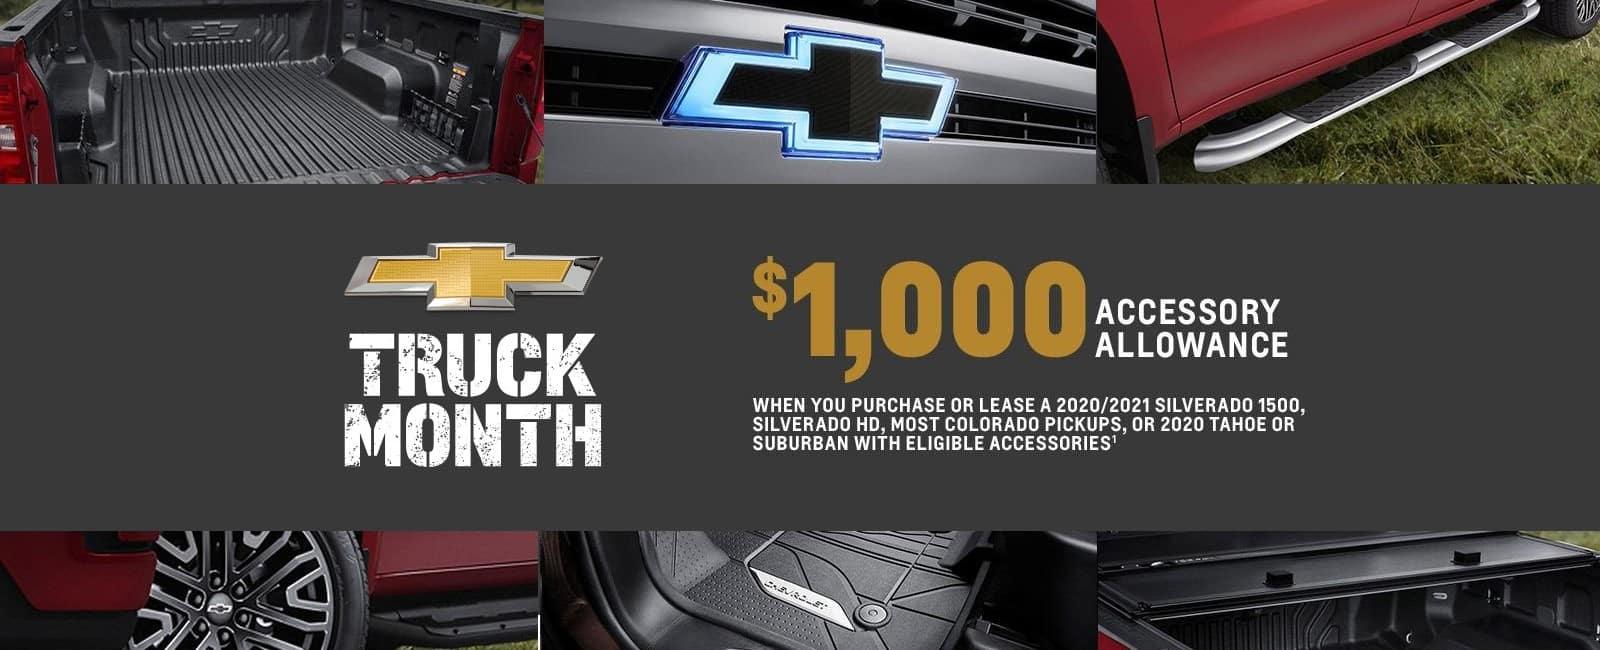 Accessory Bonus Allowance Truck Month